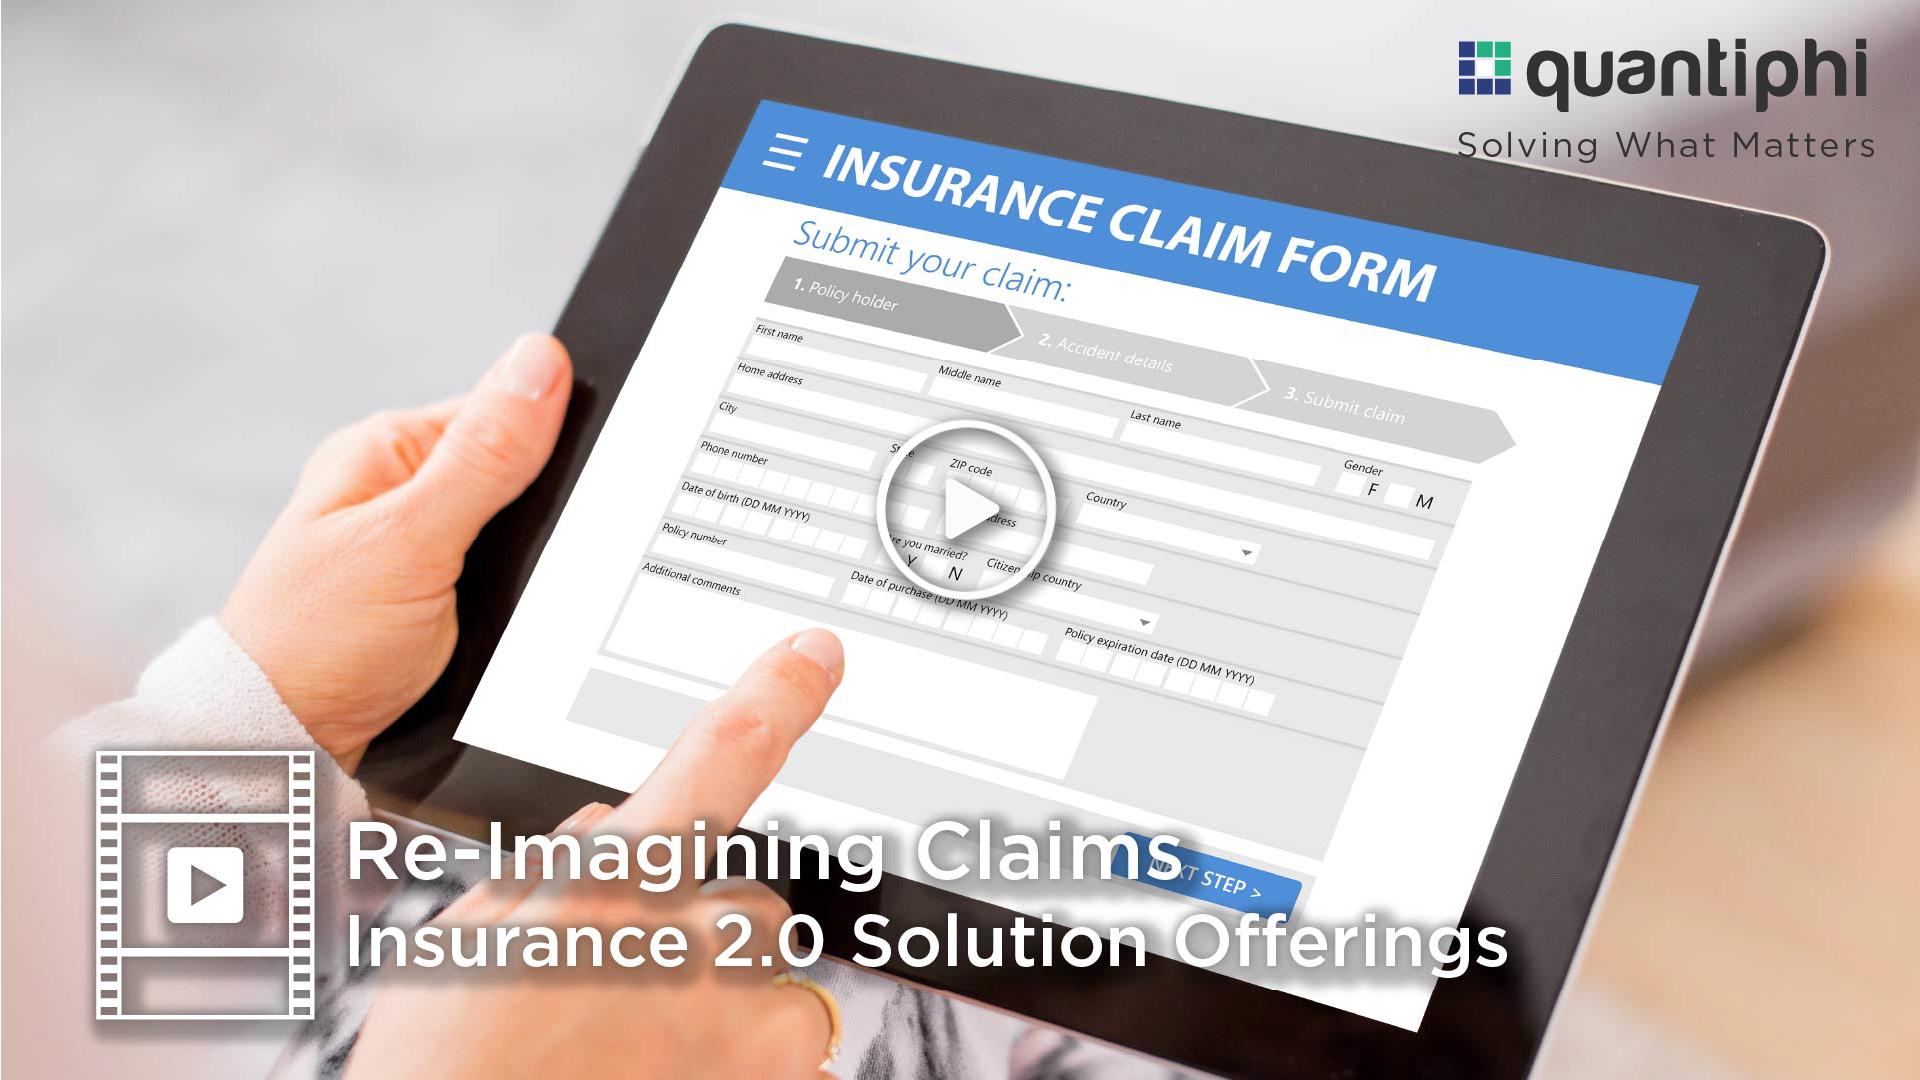 Quantiphi Insurance_25092019 (1)